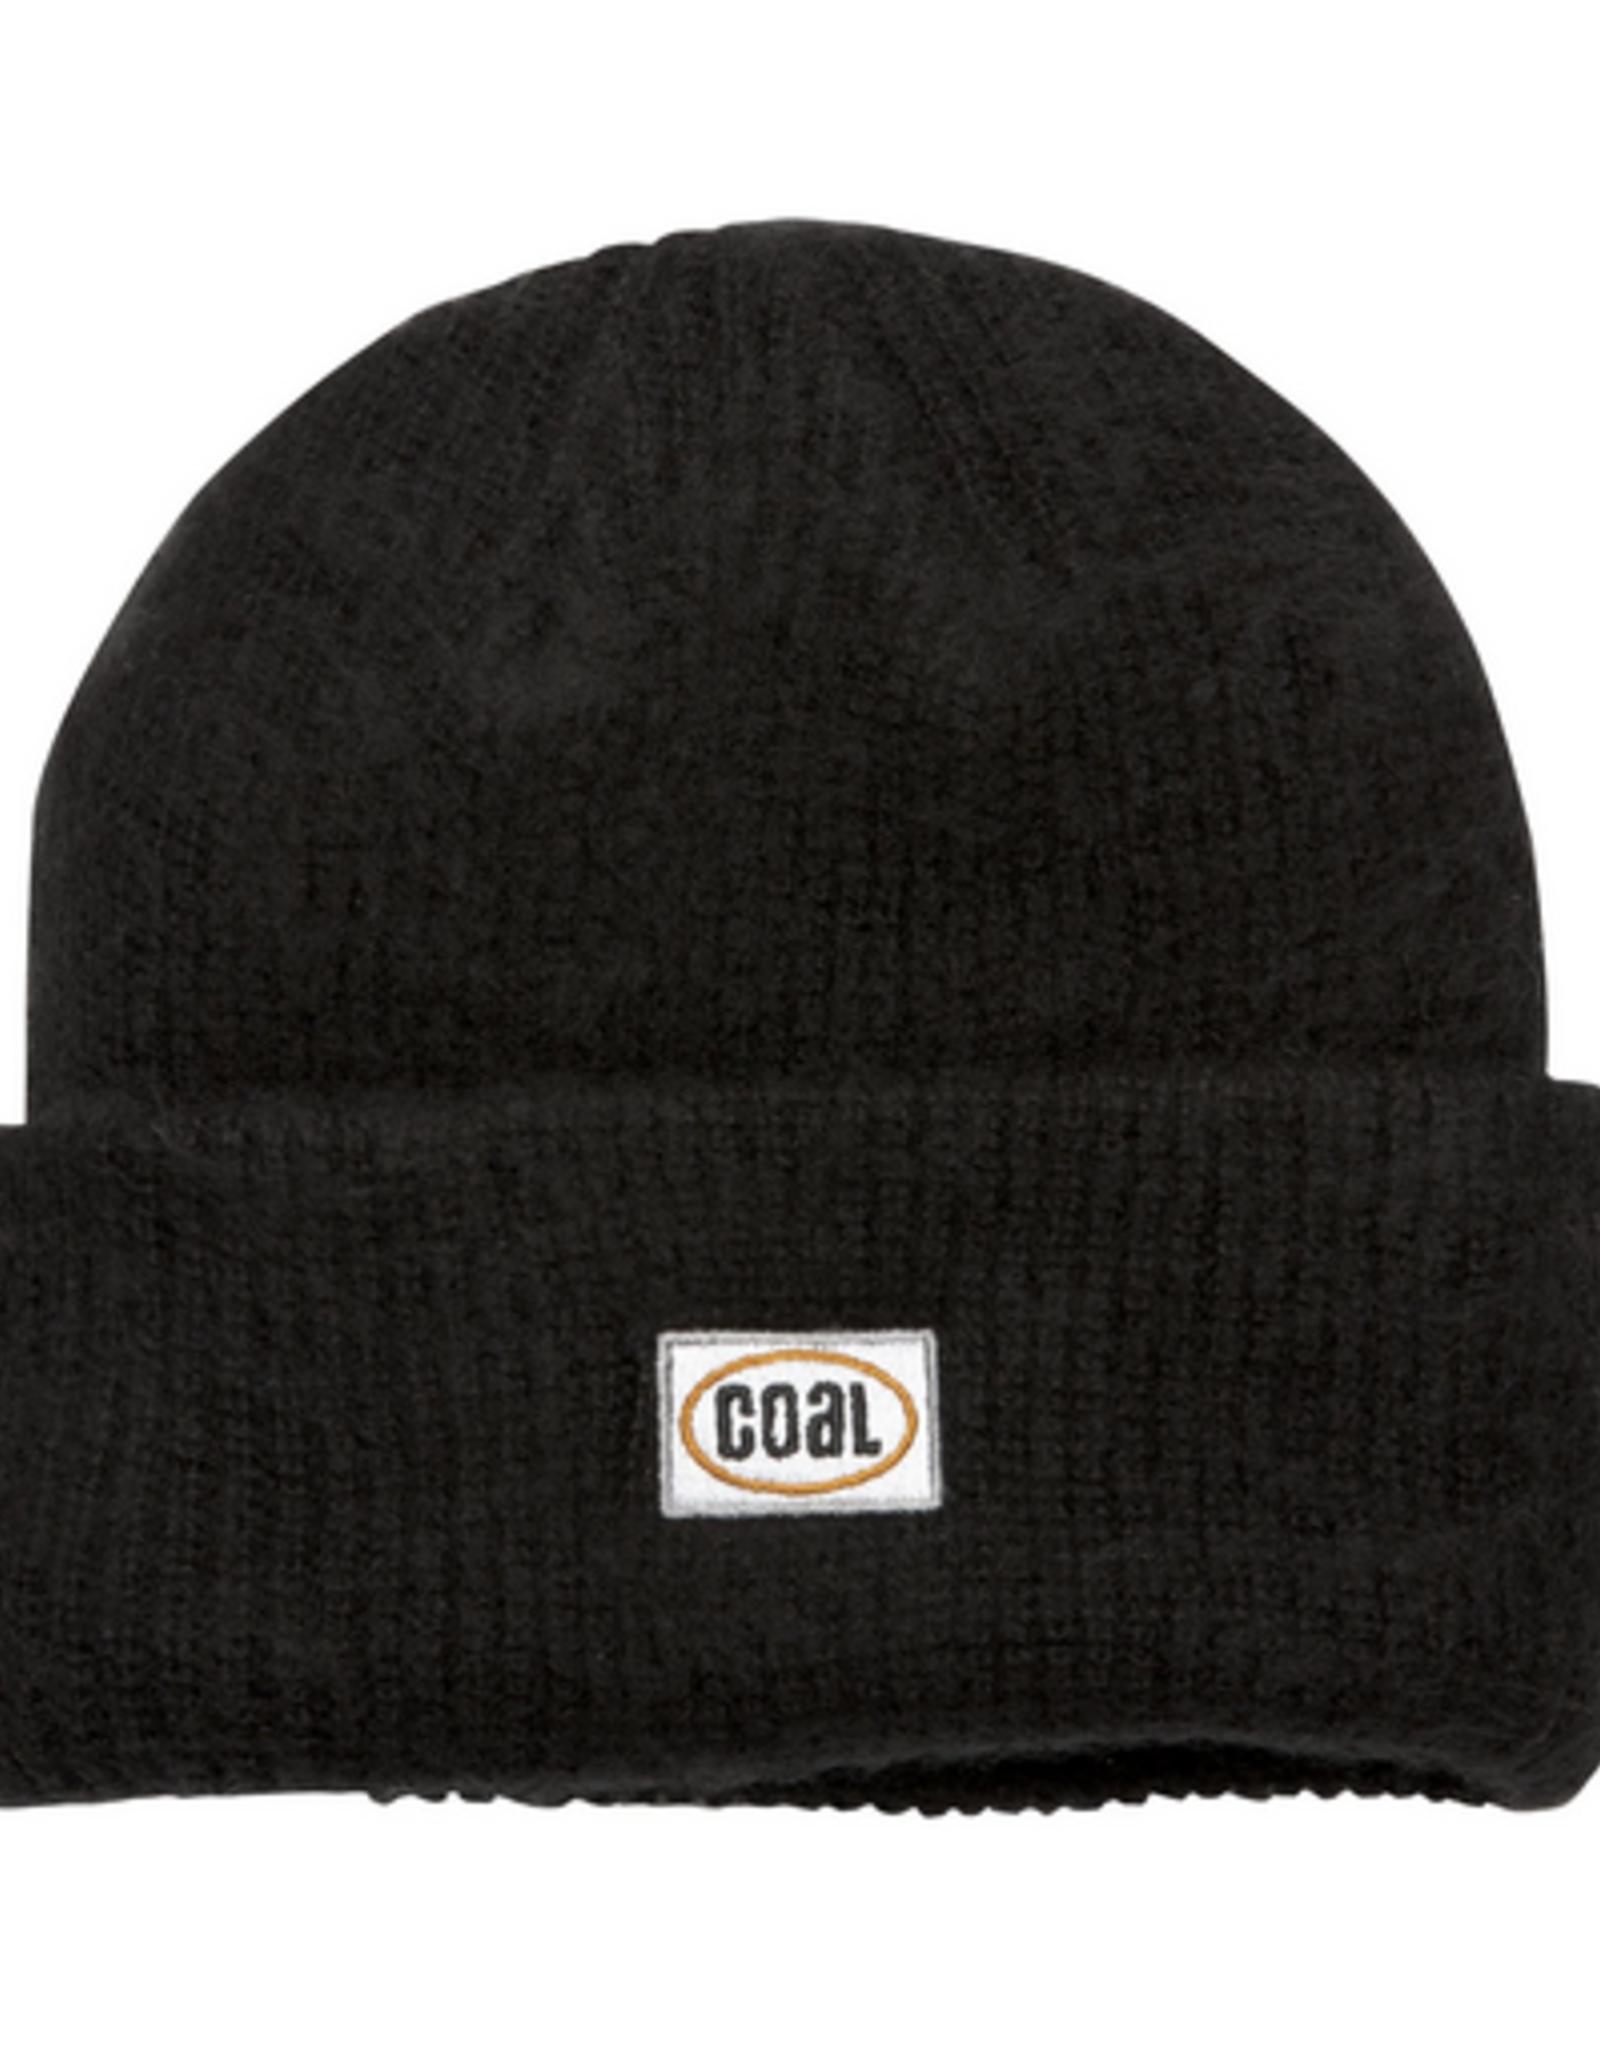 COAL COAL EARL BEANIE BLACK